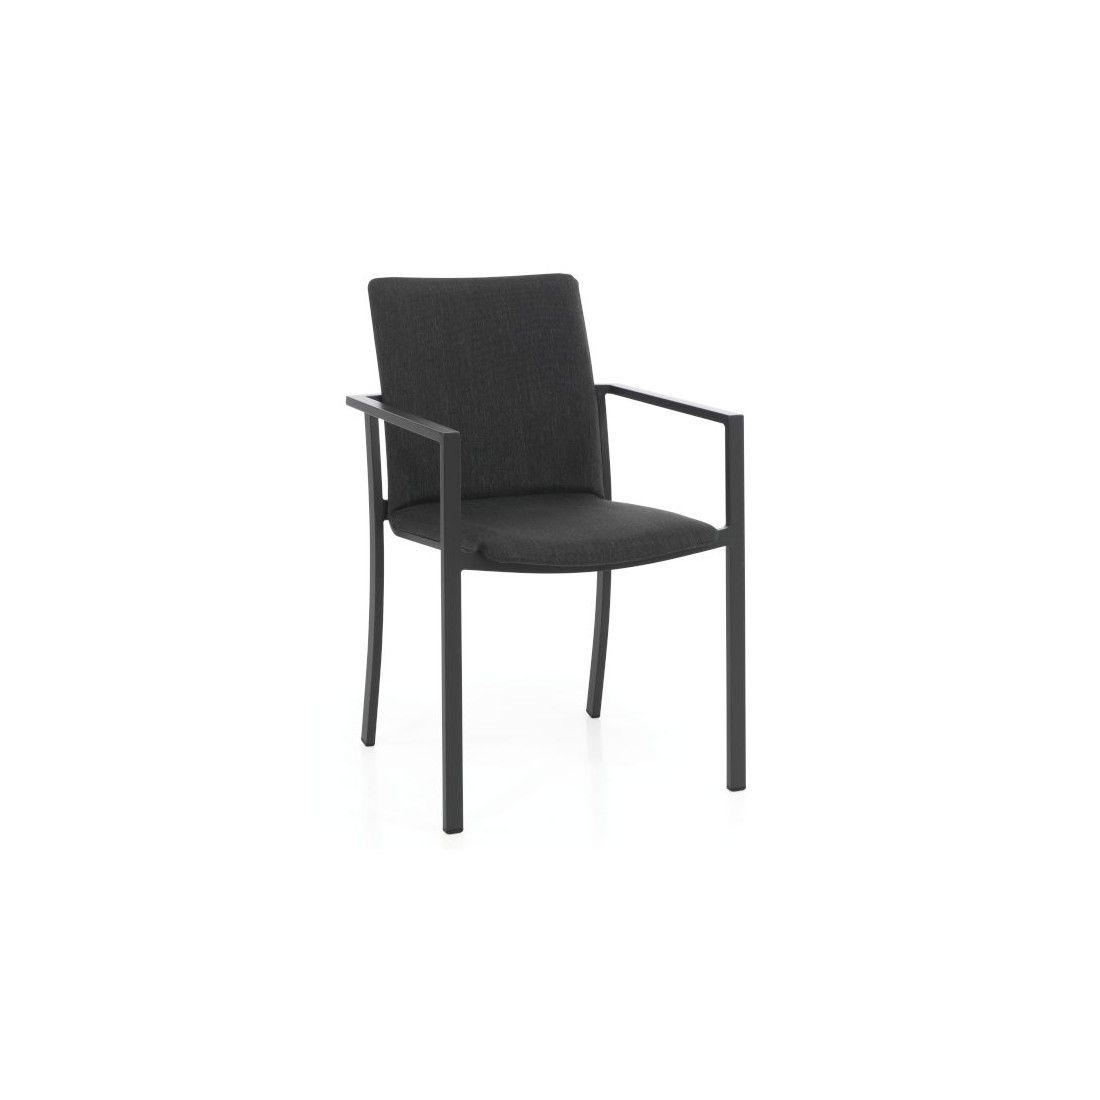 Chaise de jardin empilable en alu mat et textylène, Toul